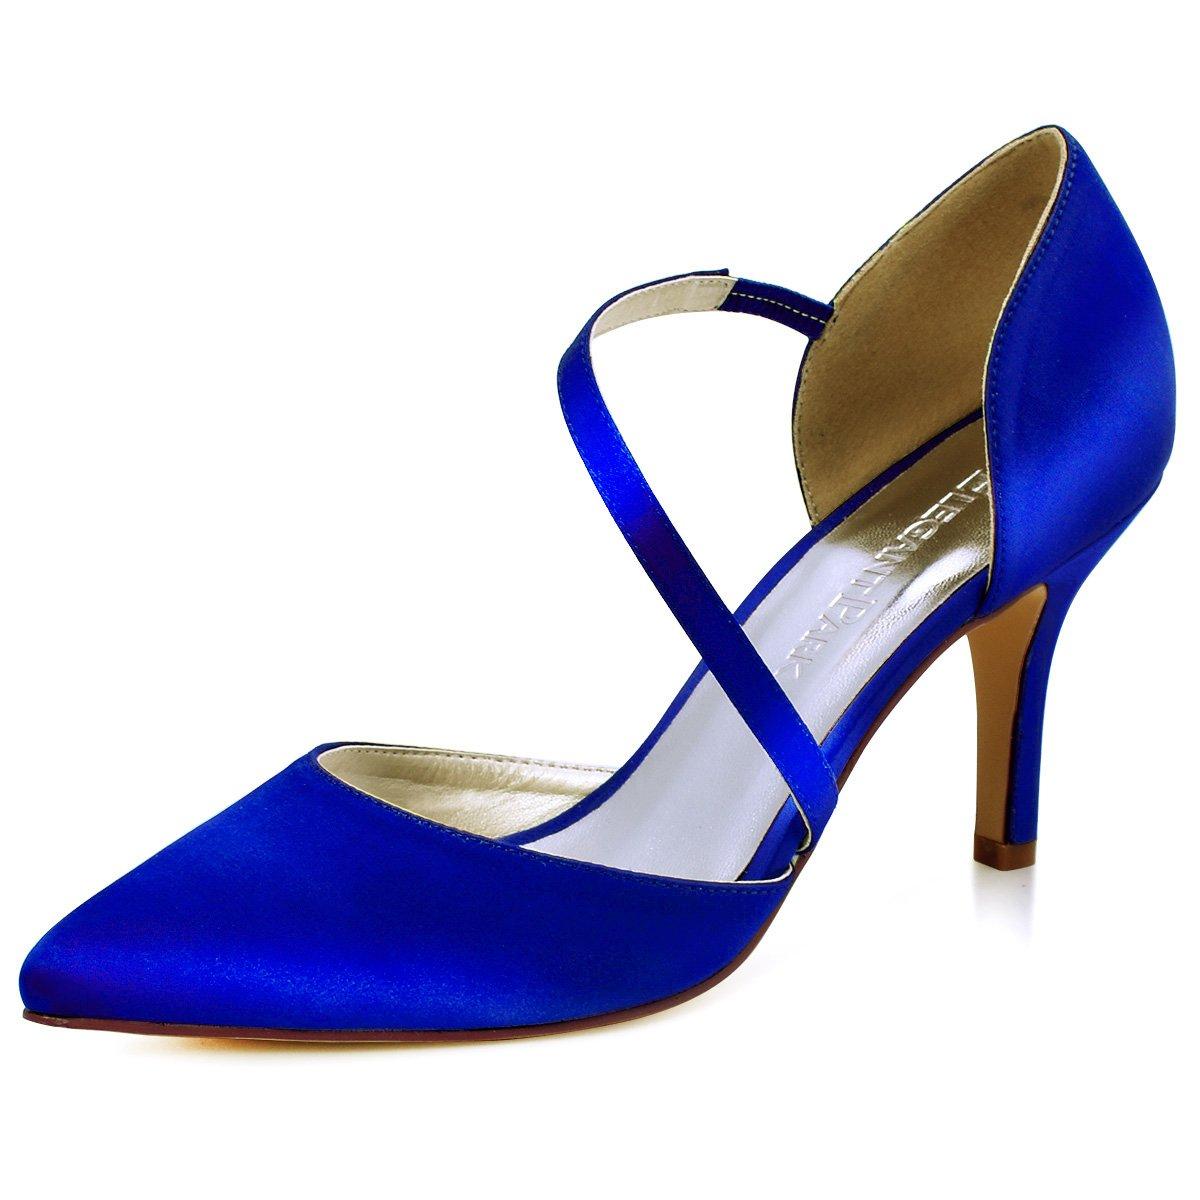 ElegantPark HC1711 punta estrecha de las mujeres tacones de aguja zapatos de tacón alto correas boda fiesta de graduación zapatos de novia 37 EU Azul